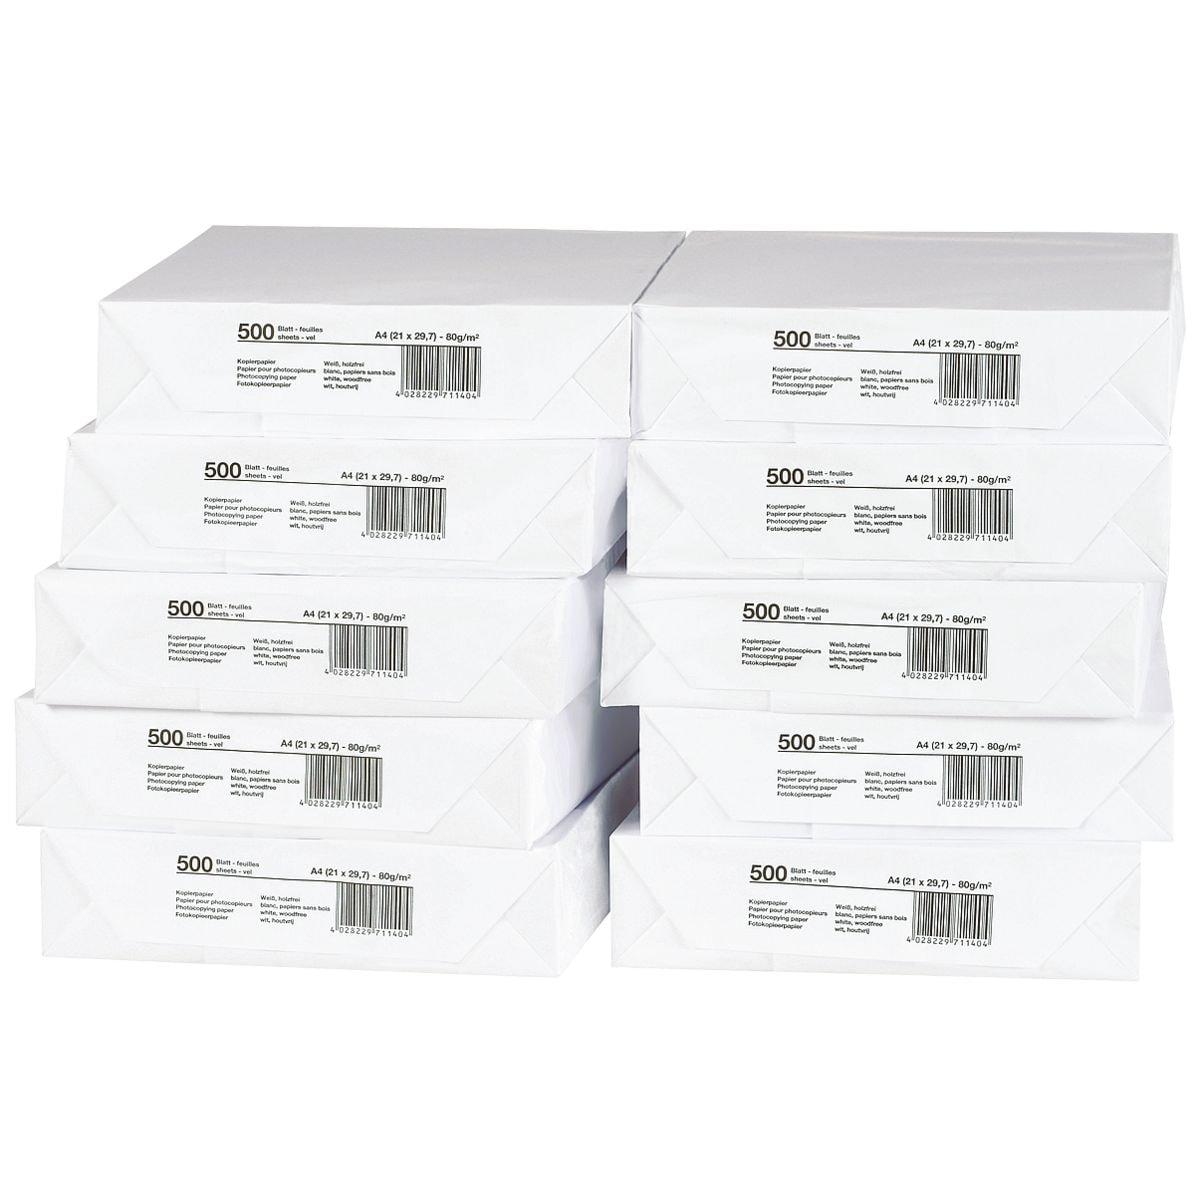 10x Kopierpapier A4 - 5000 Blatt gesamt, 80 g/m²